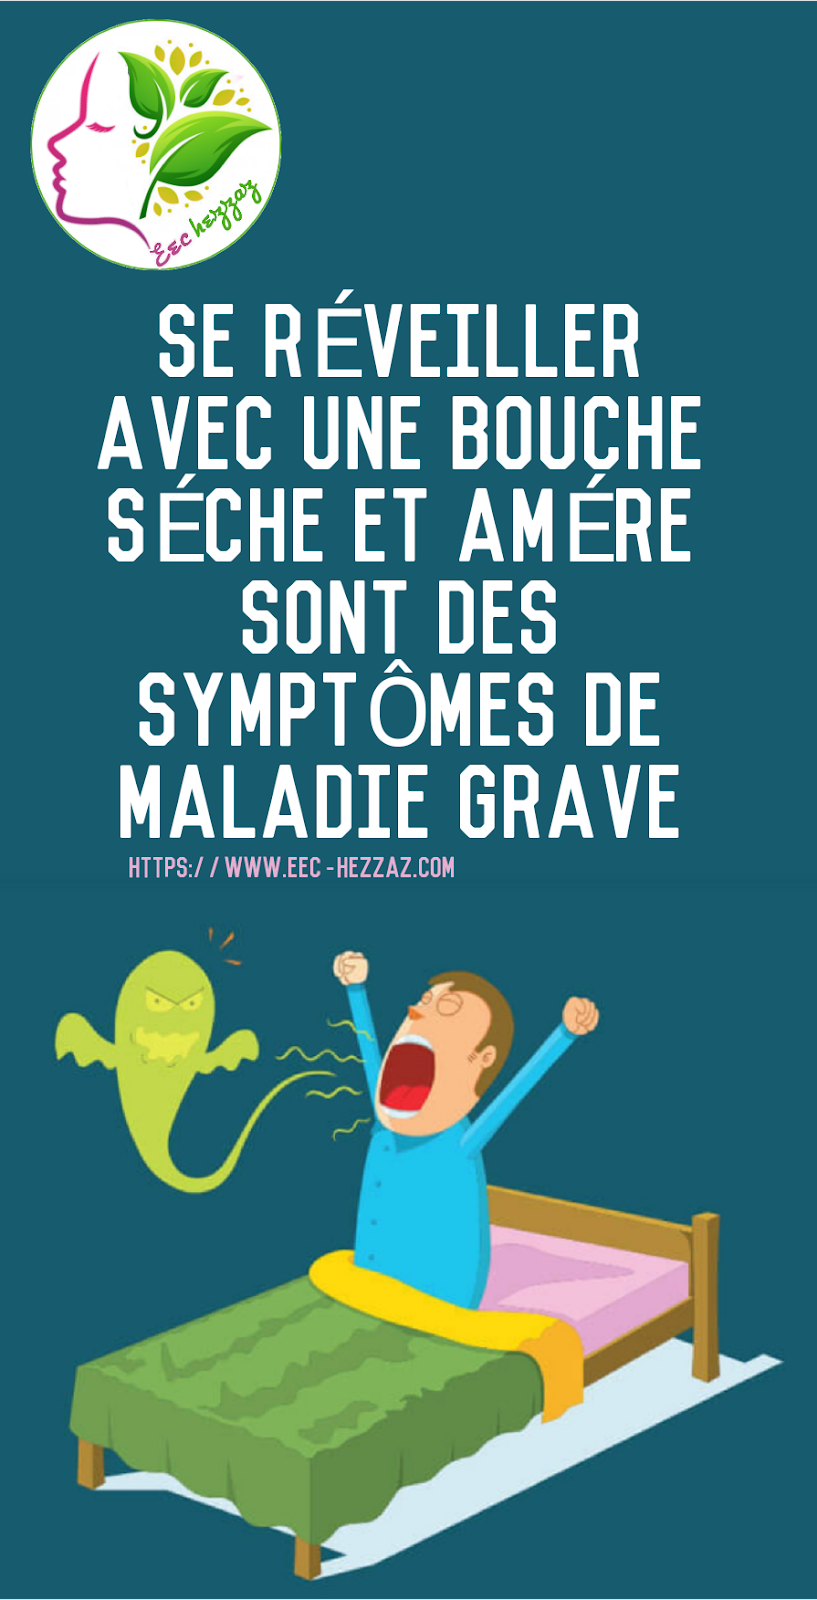 Se réveiller avec une bouche sèche et amère sont des symptômes de maladie grave